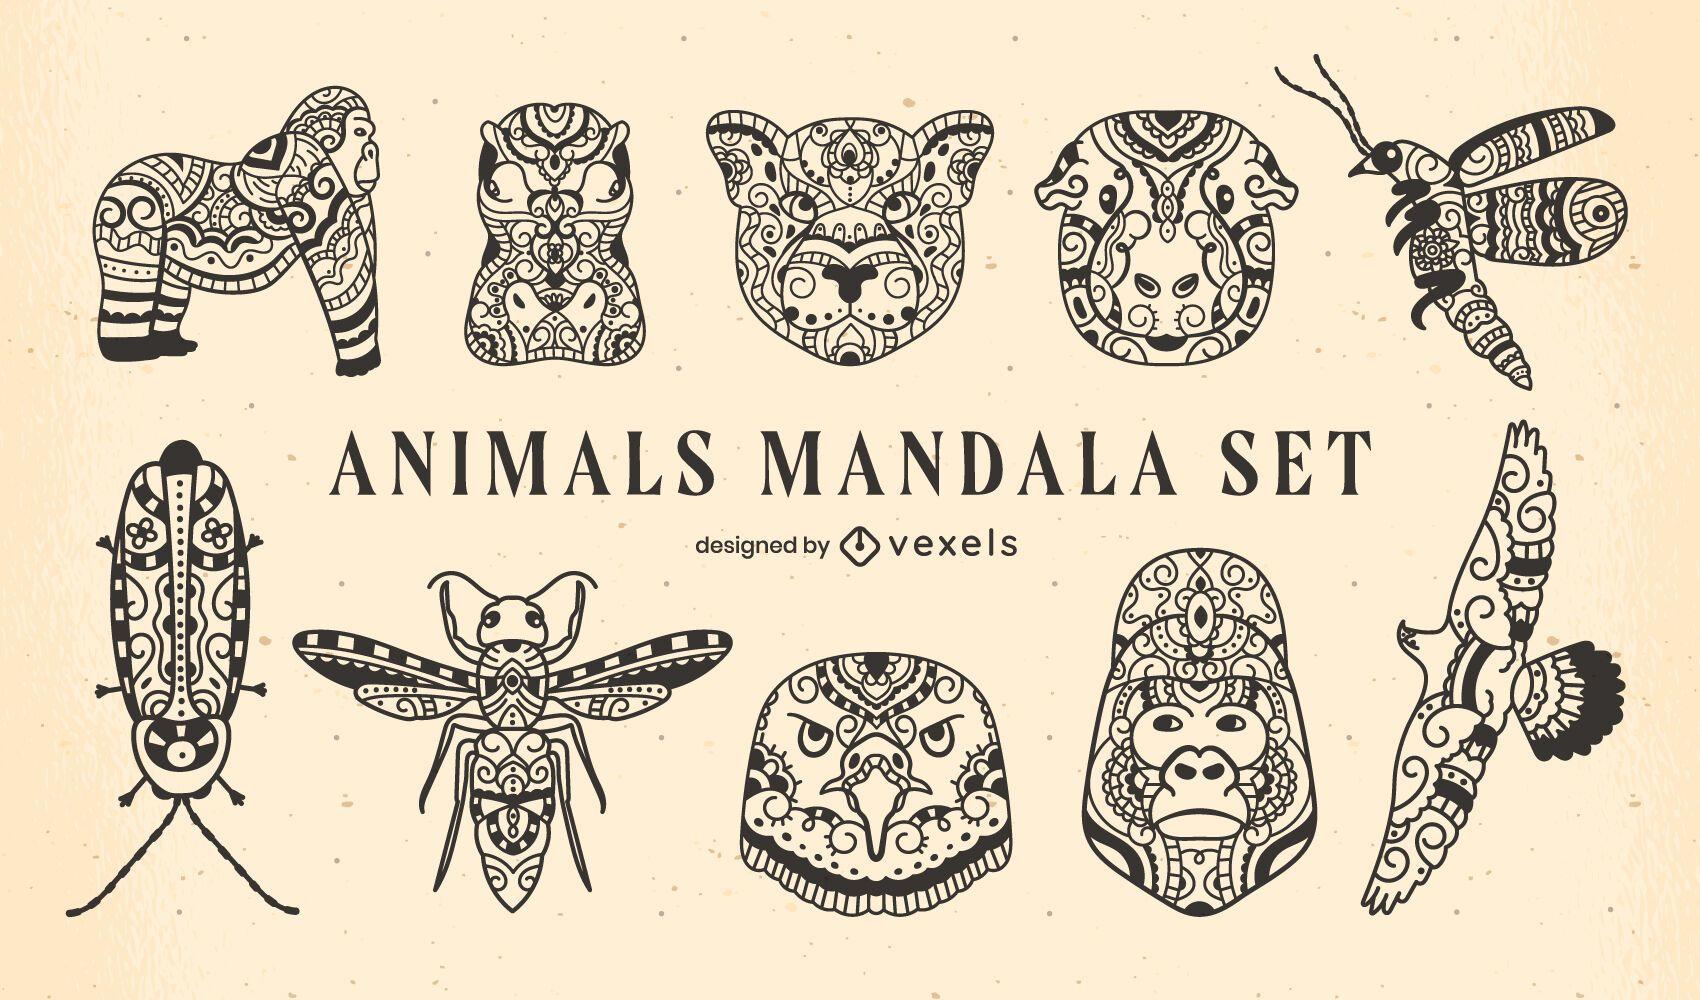 Satz von Mandala-Tieren gefüllter Strich